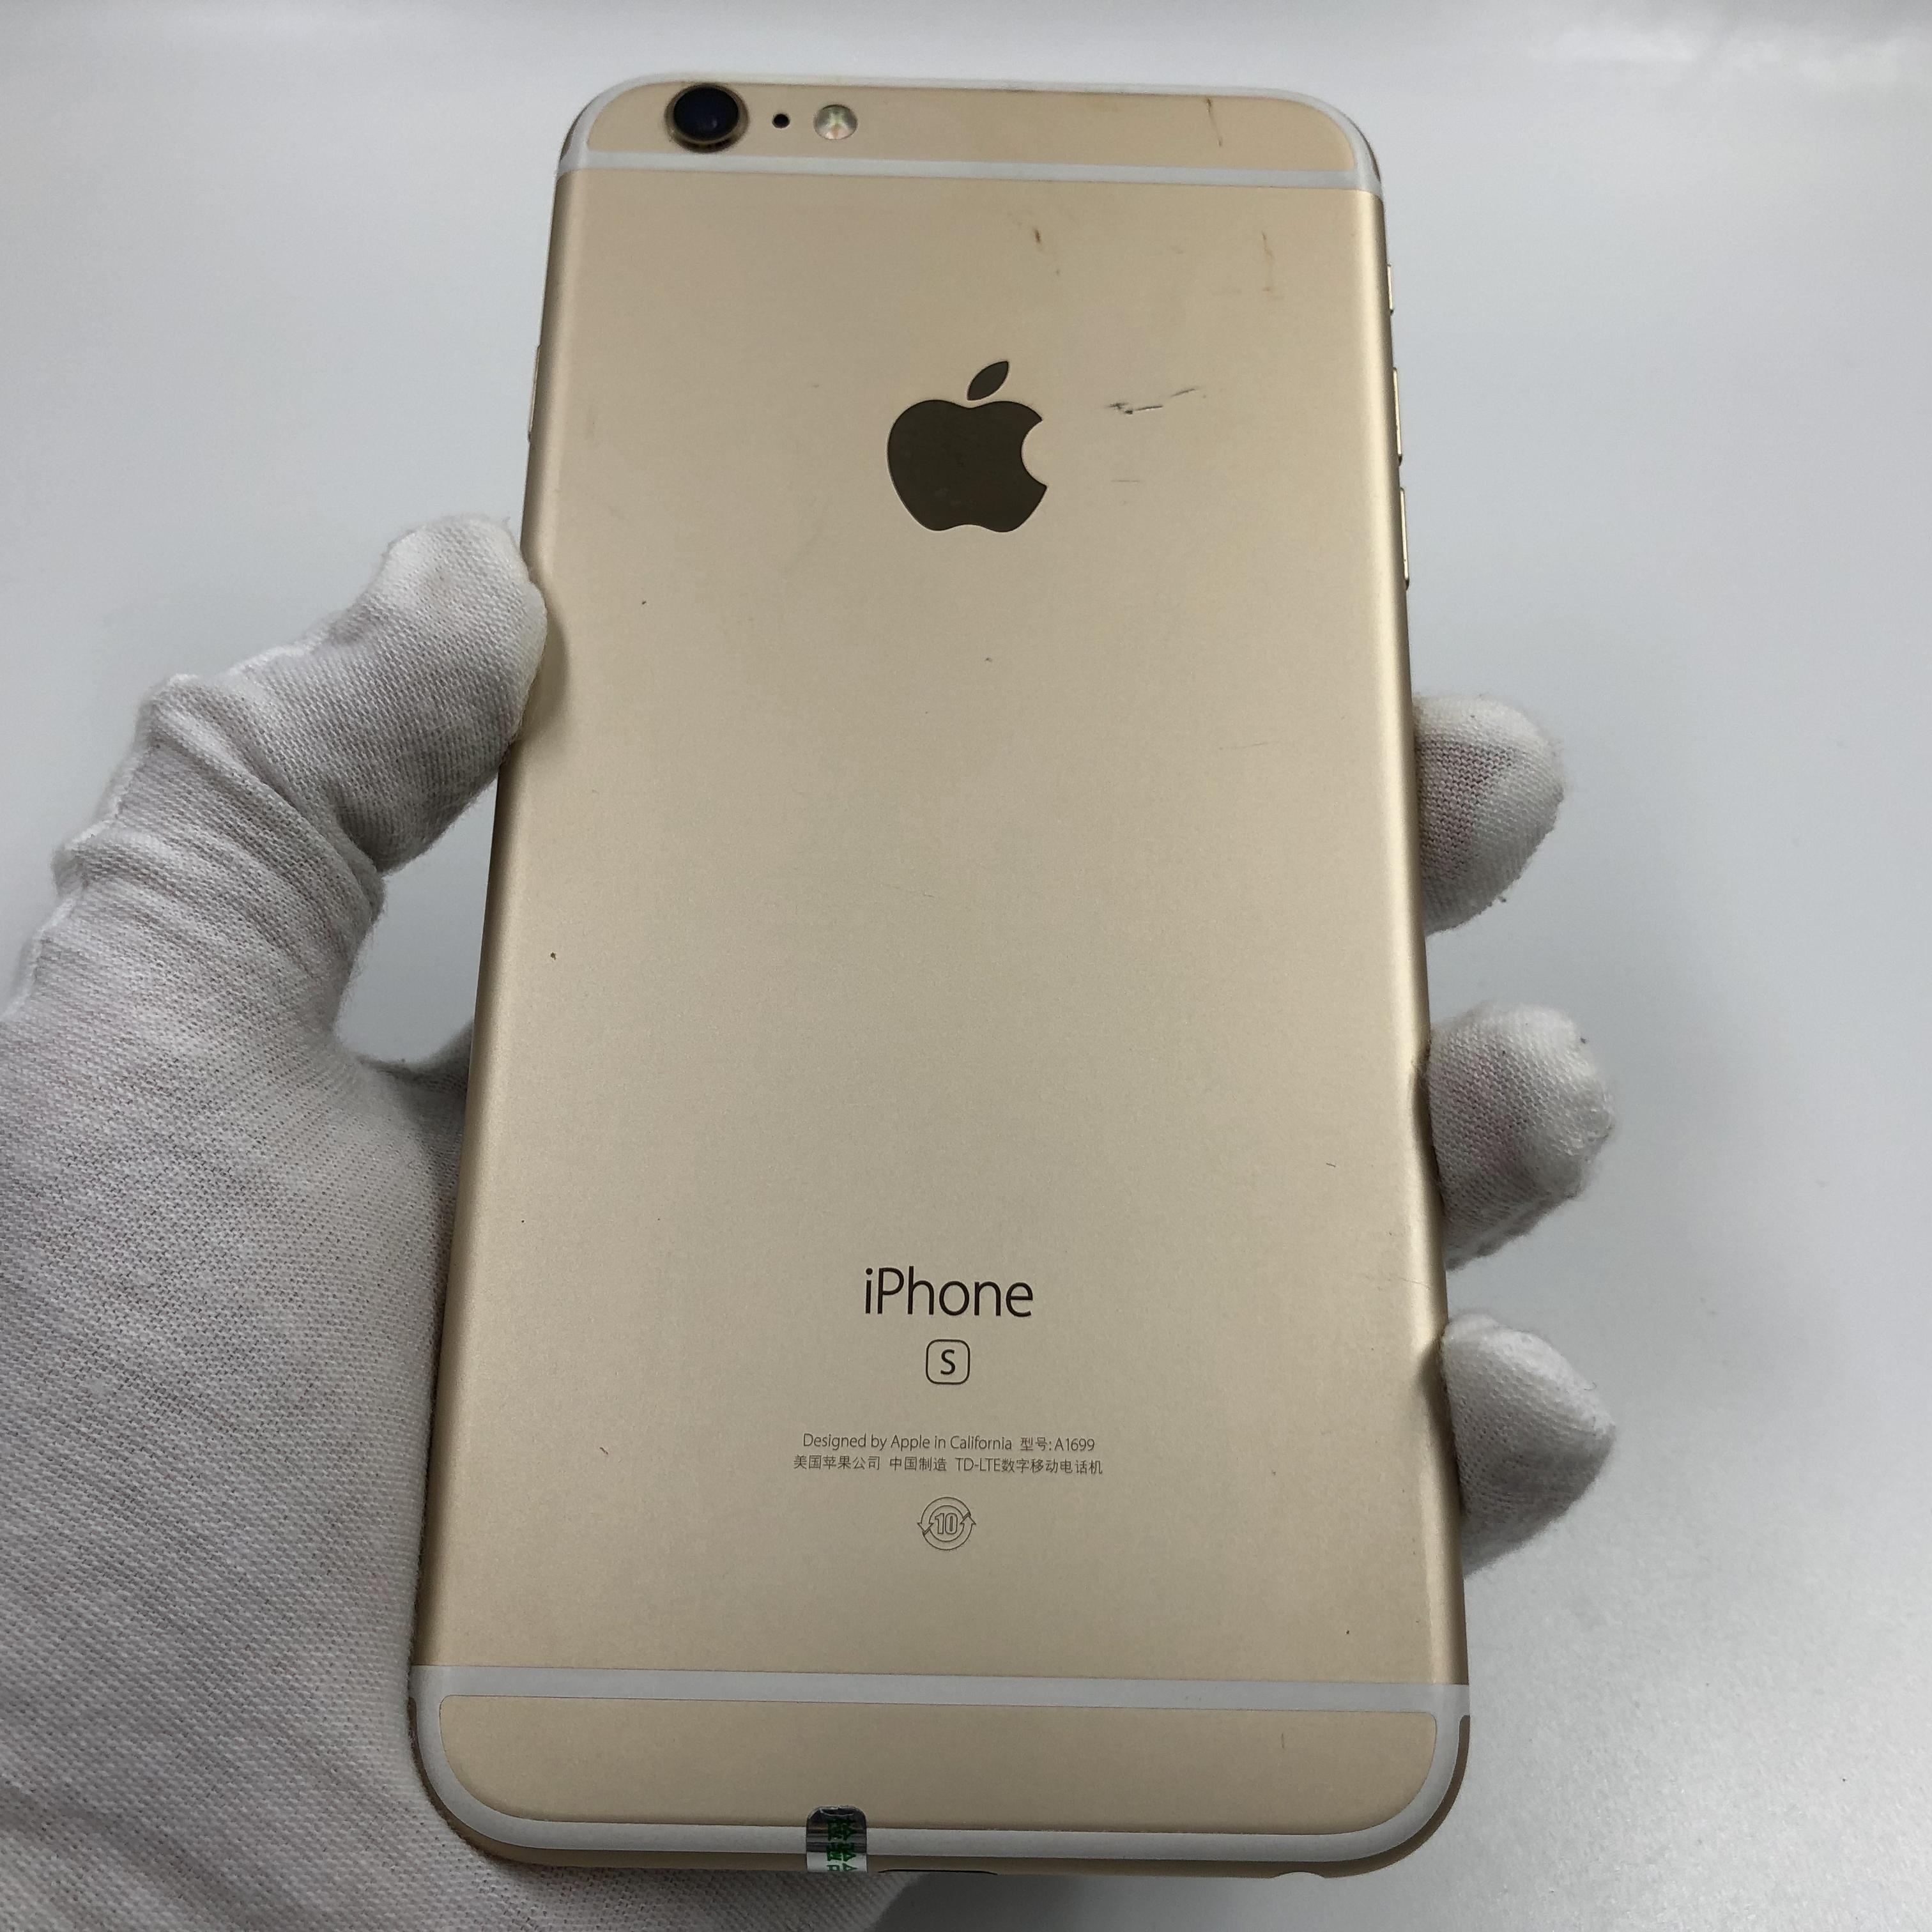 苹果【iPhone 6s Plus】4G全网通 金色 128G 国行 8成新 真机实拍